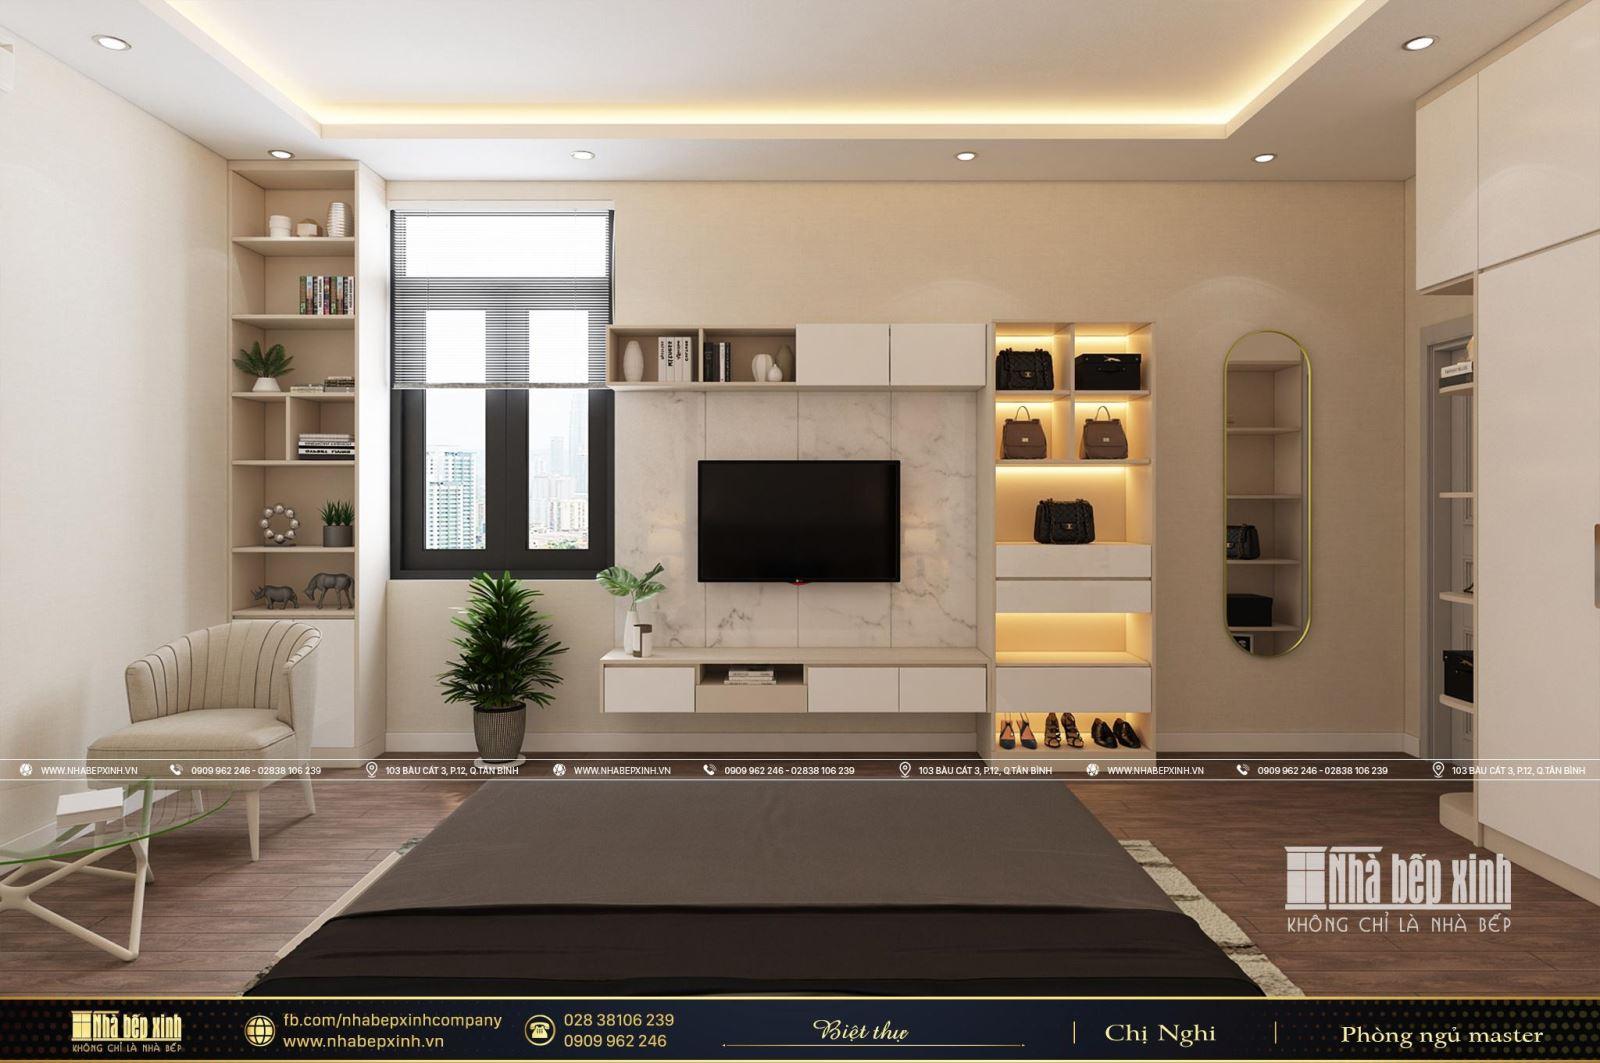 Đẹp tinh tế với mẫu thiết kế nội thất nguyên căn hiện đại tại Cà Mau